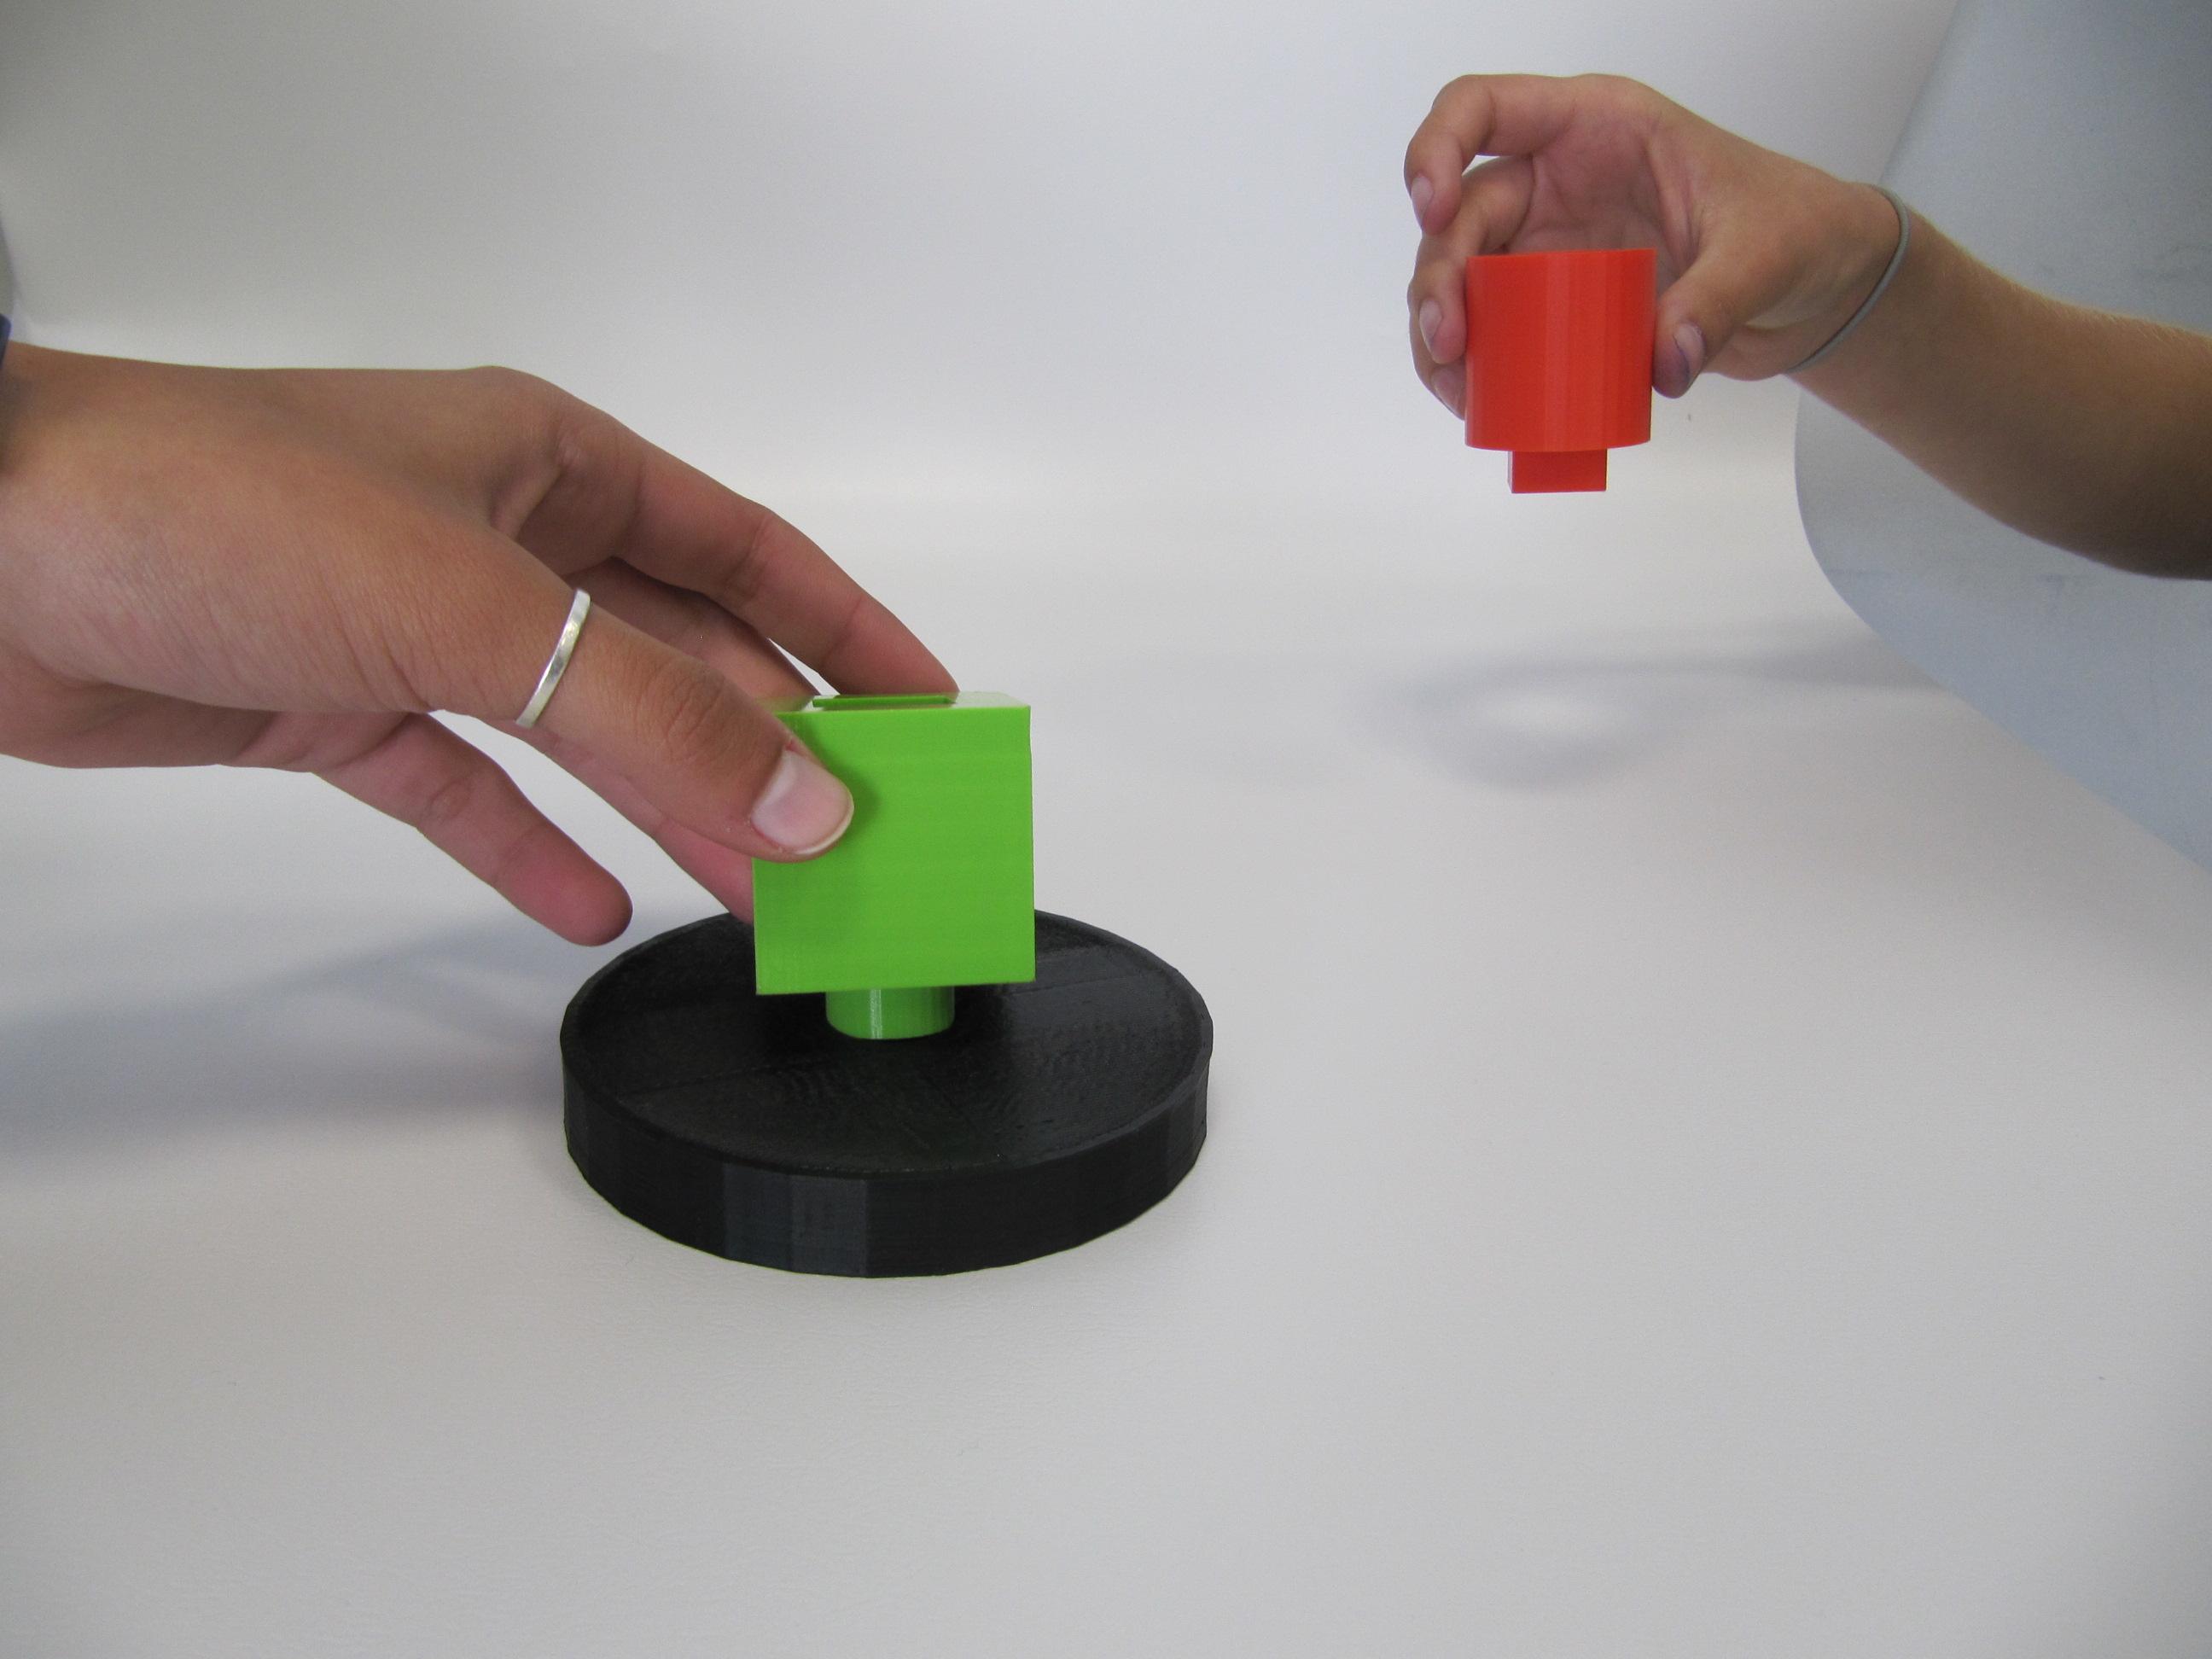 משחק תורות בהדפסה תלת מימדית